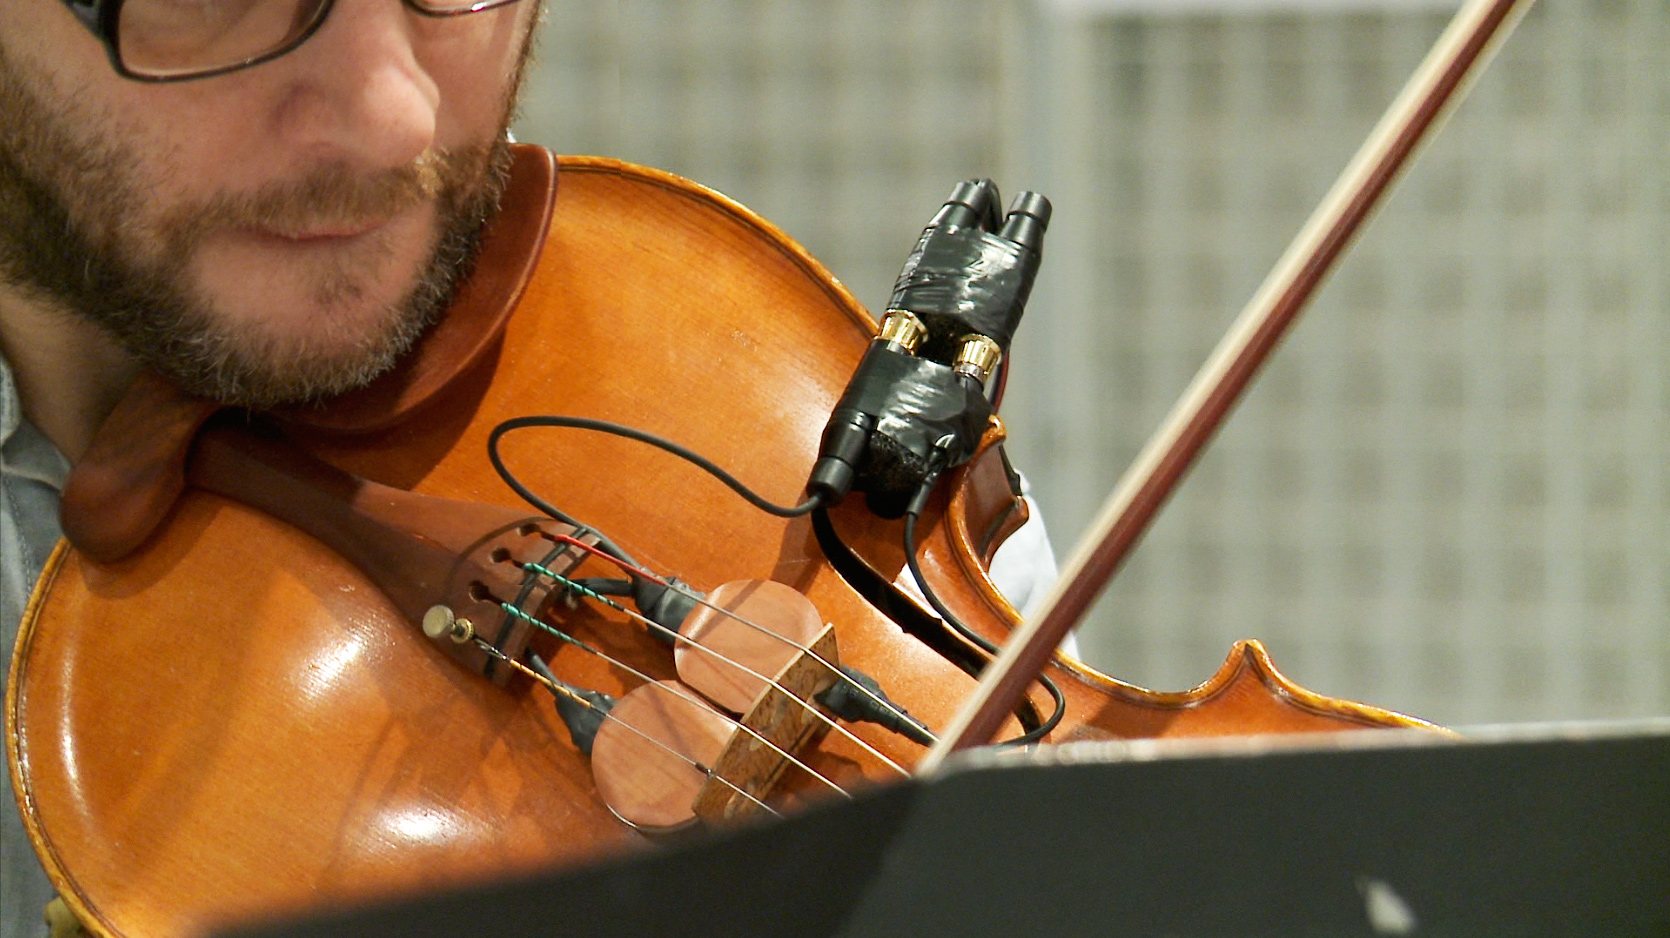 violon équipé de capteurs